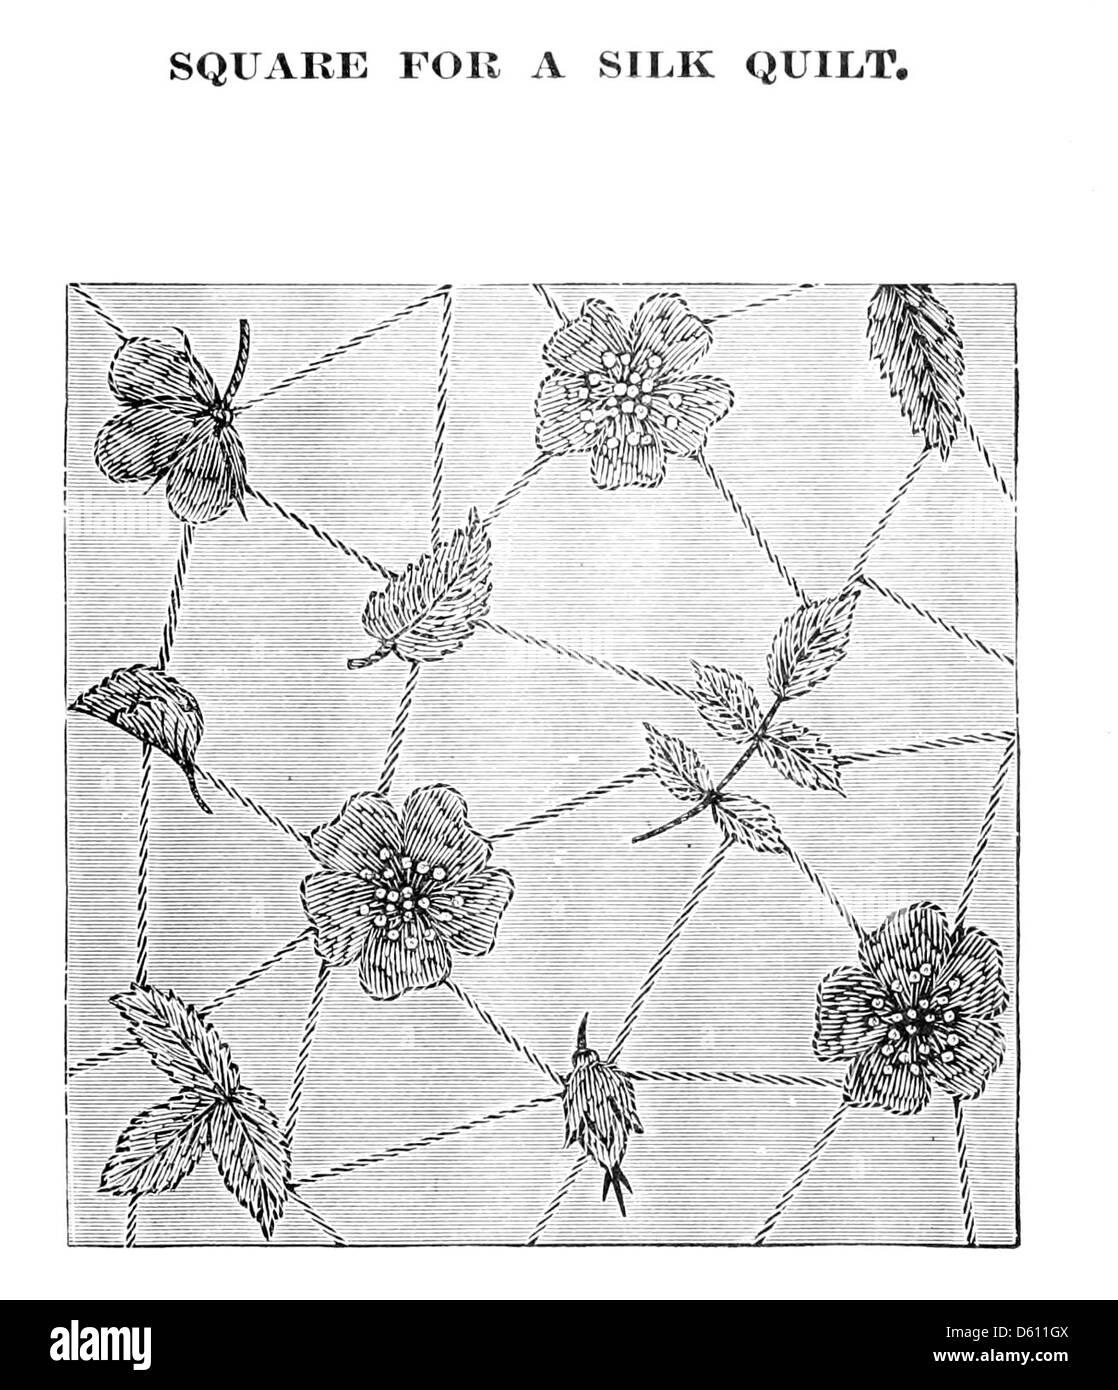 Engraved Patterns Imágenes De Stock & Engraved Patterns Fotos De ...